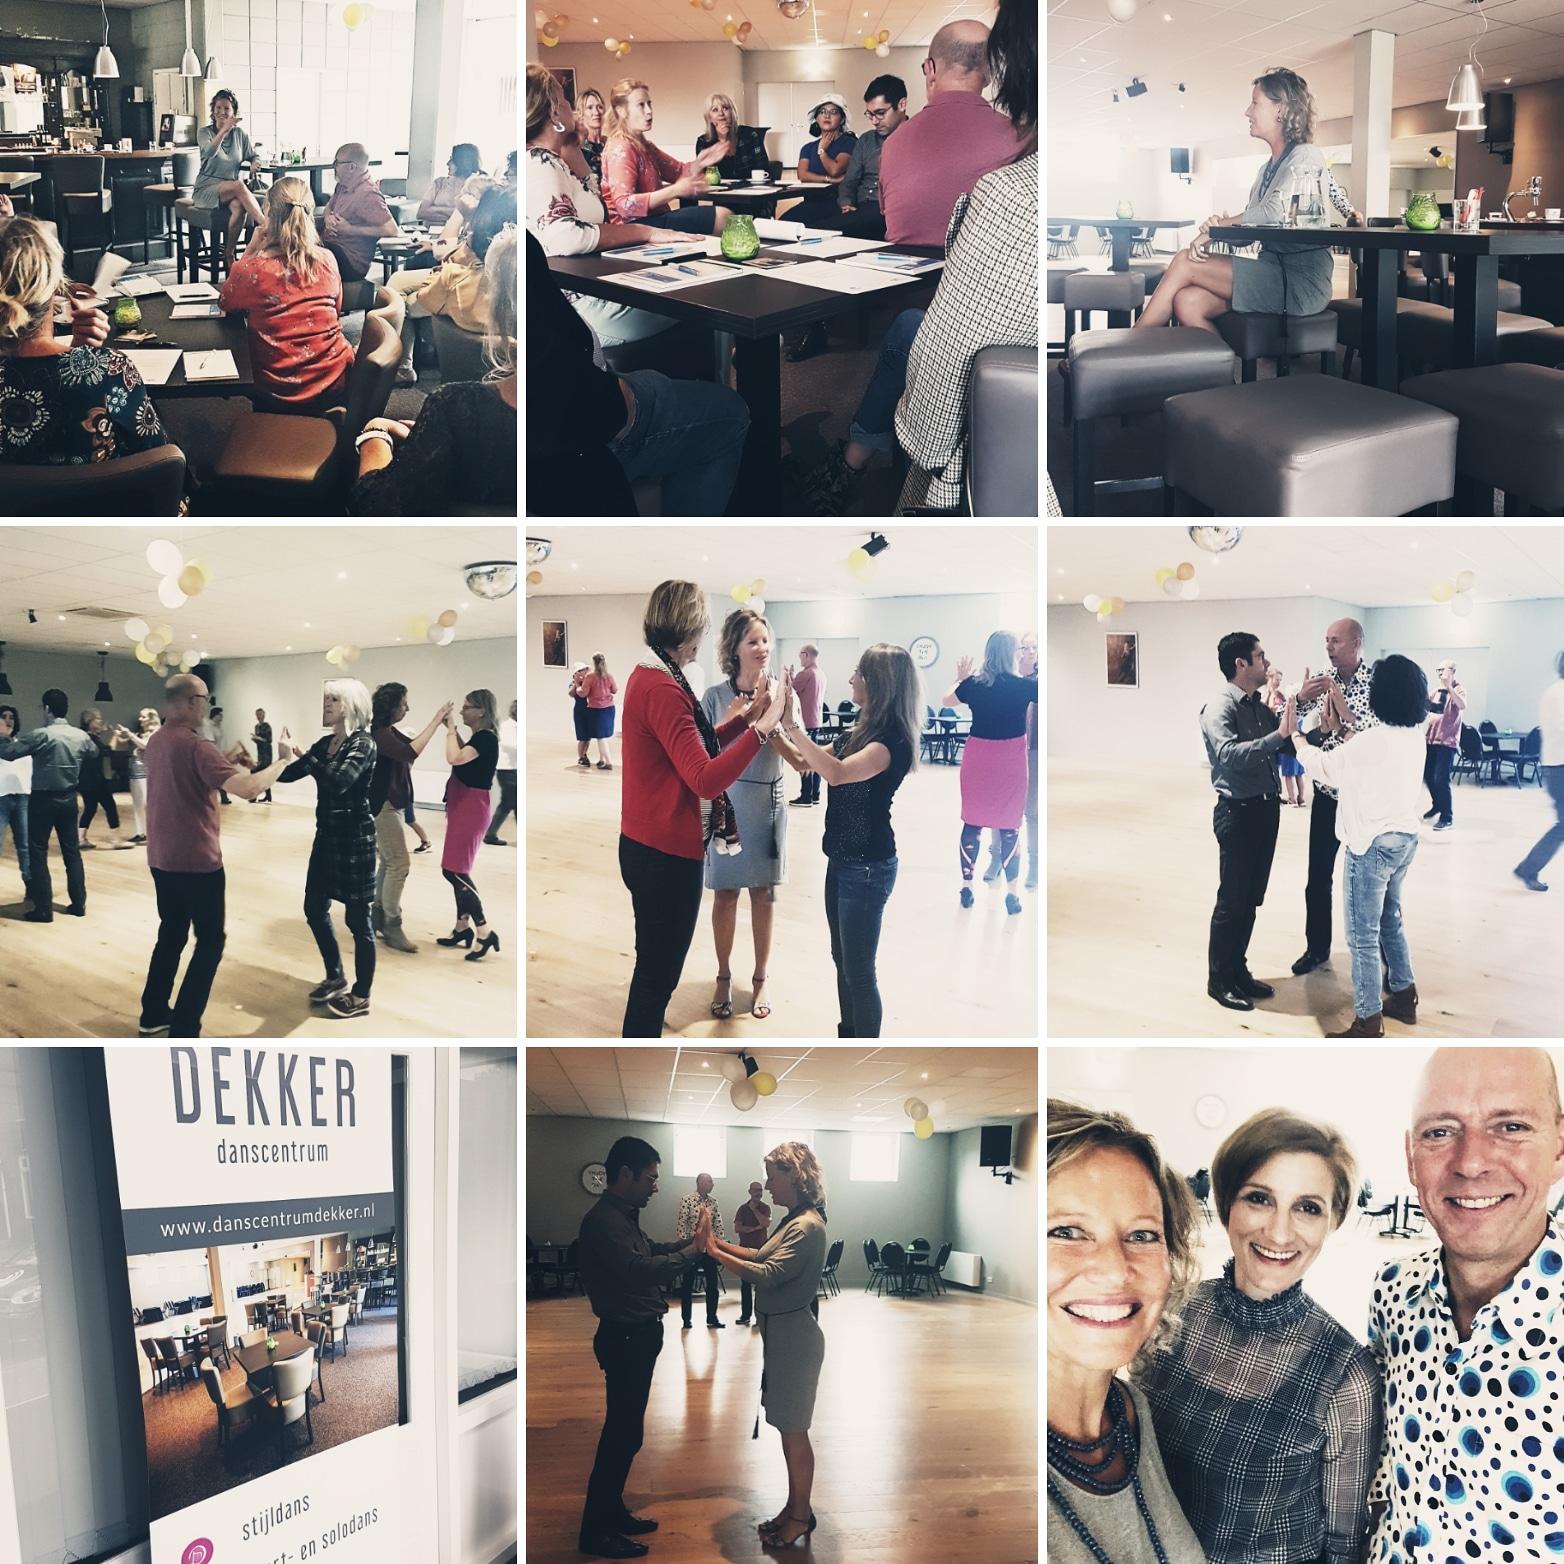 Gastcollege 'Geen excuses, dans je leven!' georganiseerd door Esther Jacobs en Anne Marie Westra in samenwerking met Danscentrum Dekker